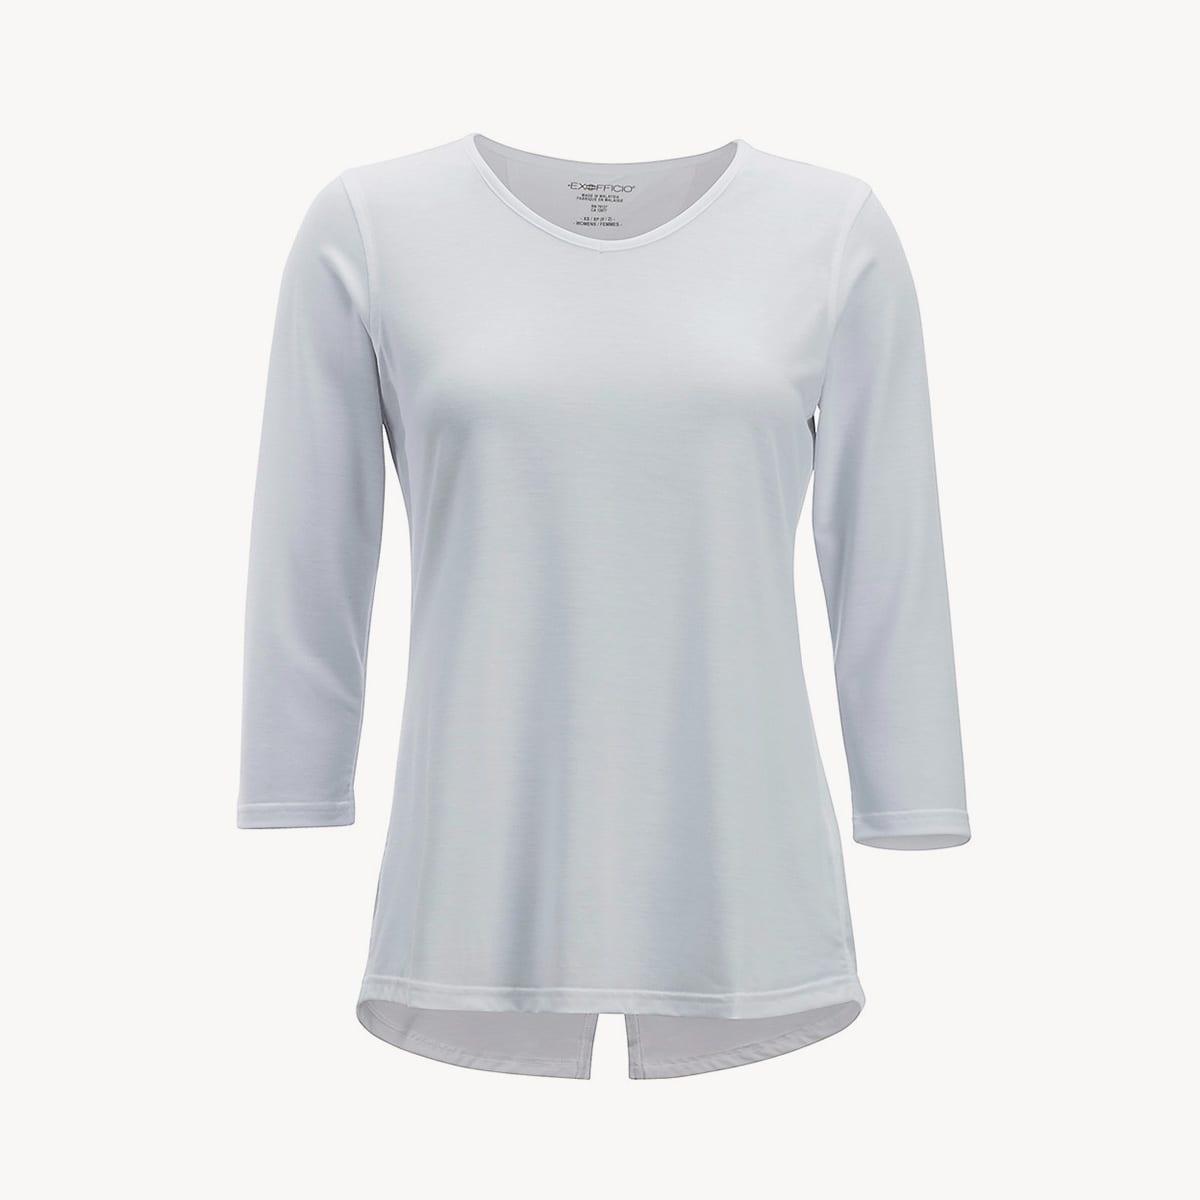 Best Long-Sleeve T-Shirt: ExOfficio Wanderlux 3/4 Tee ($36-60)